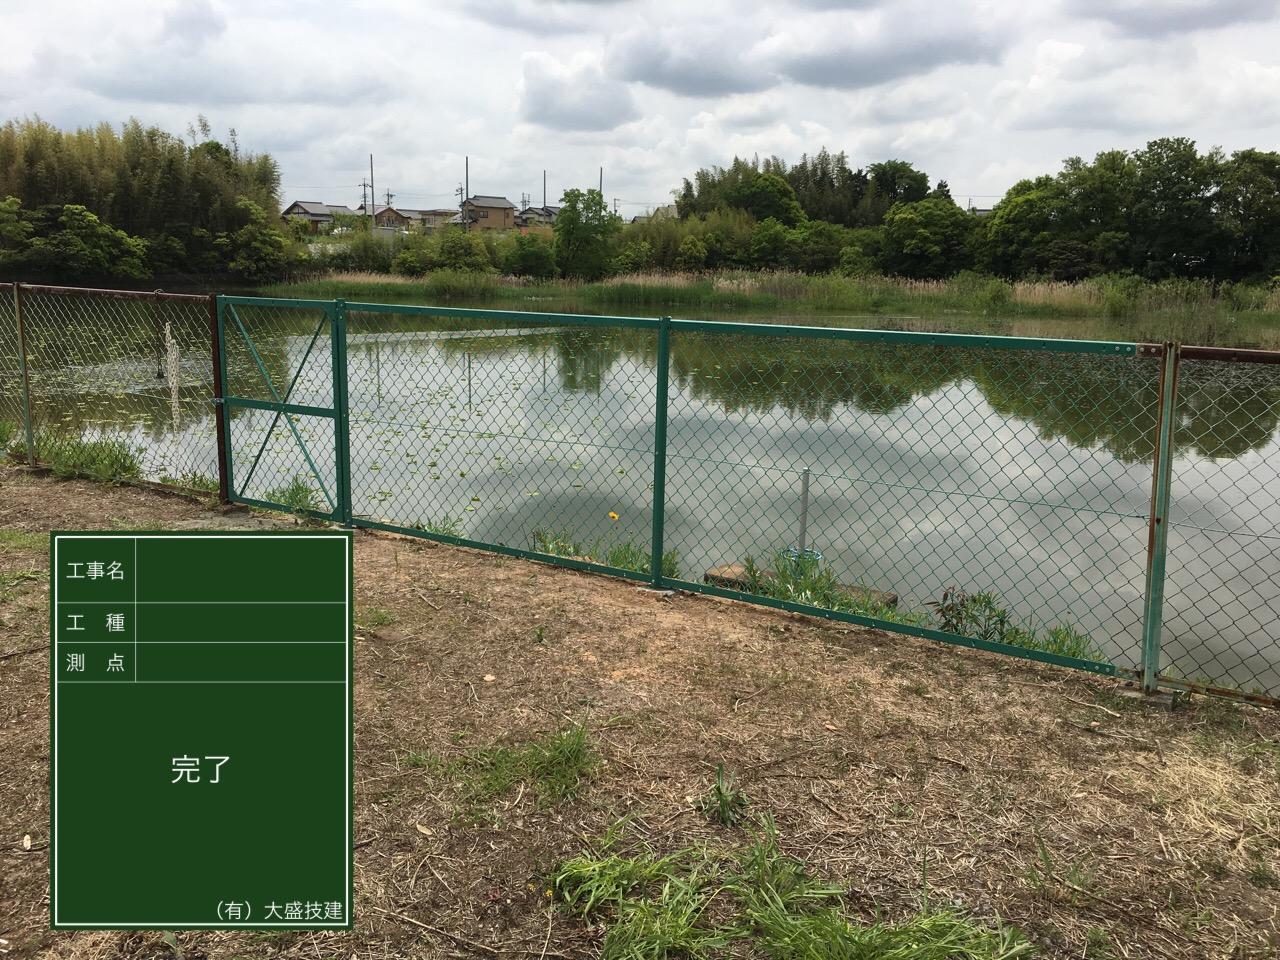 http://taiseigikenn.com/wp-content/uploads/2018-04-27-11.03.08-5.jpg